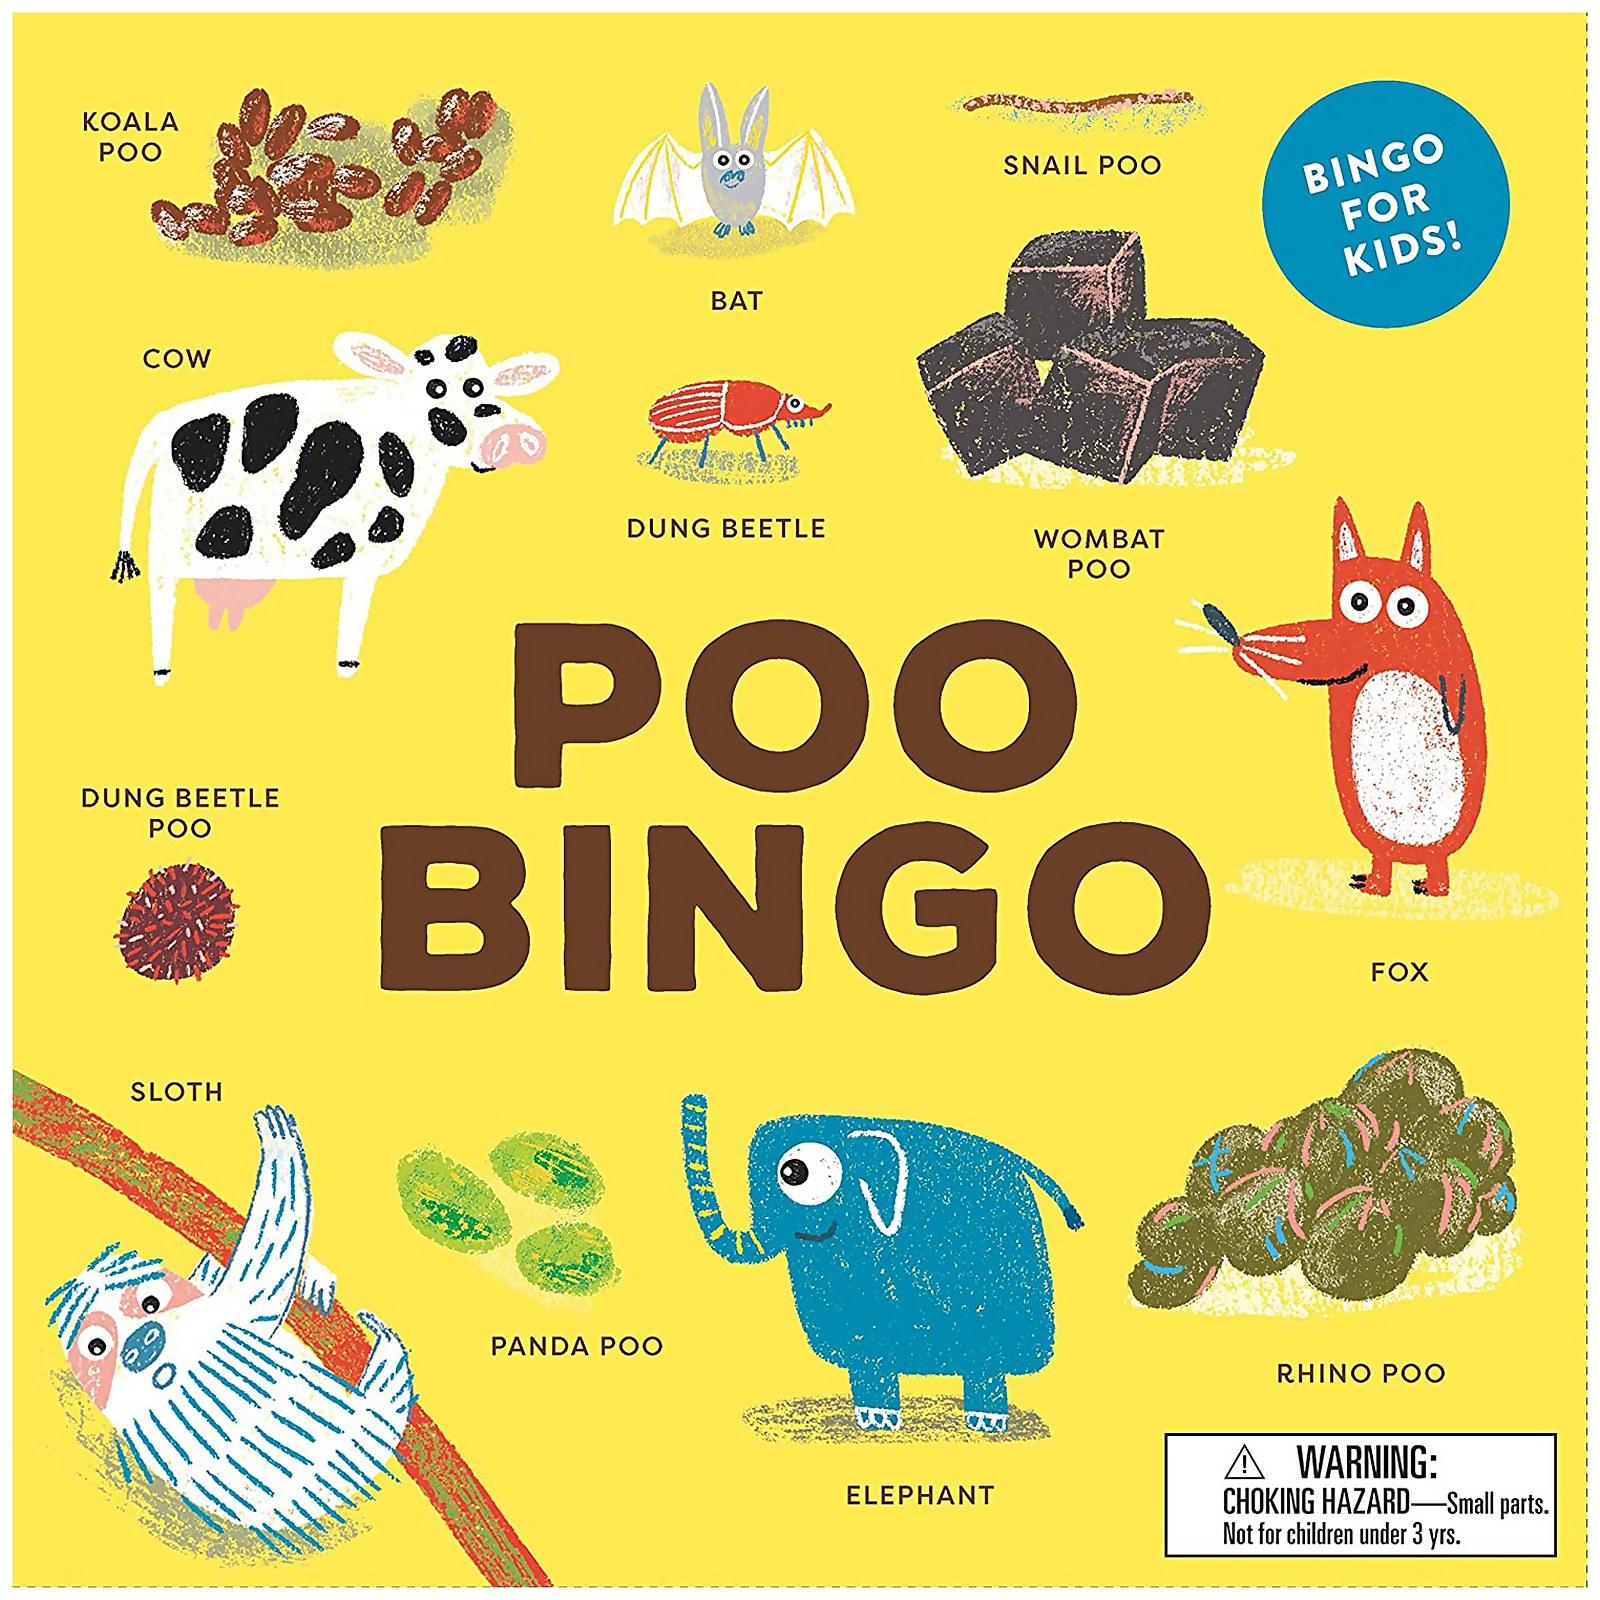 Image of Poo Bingo Game